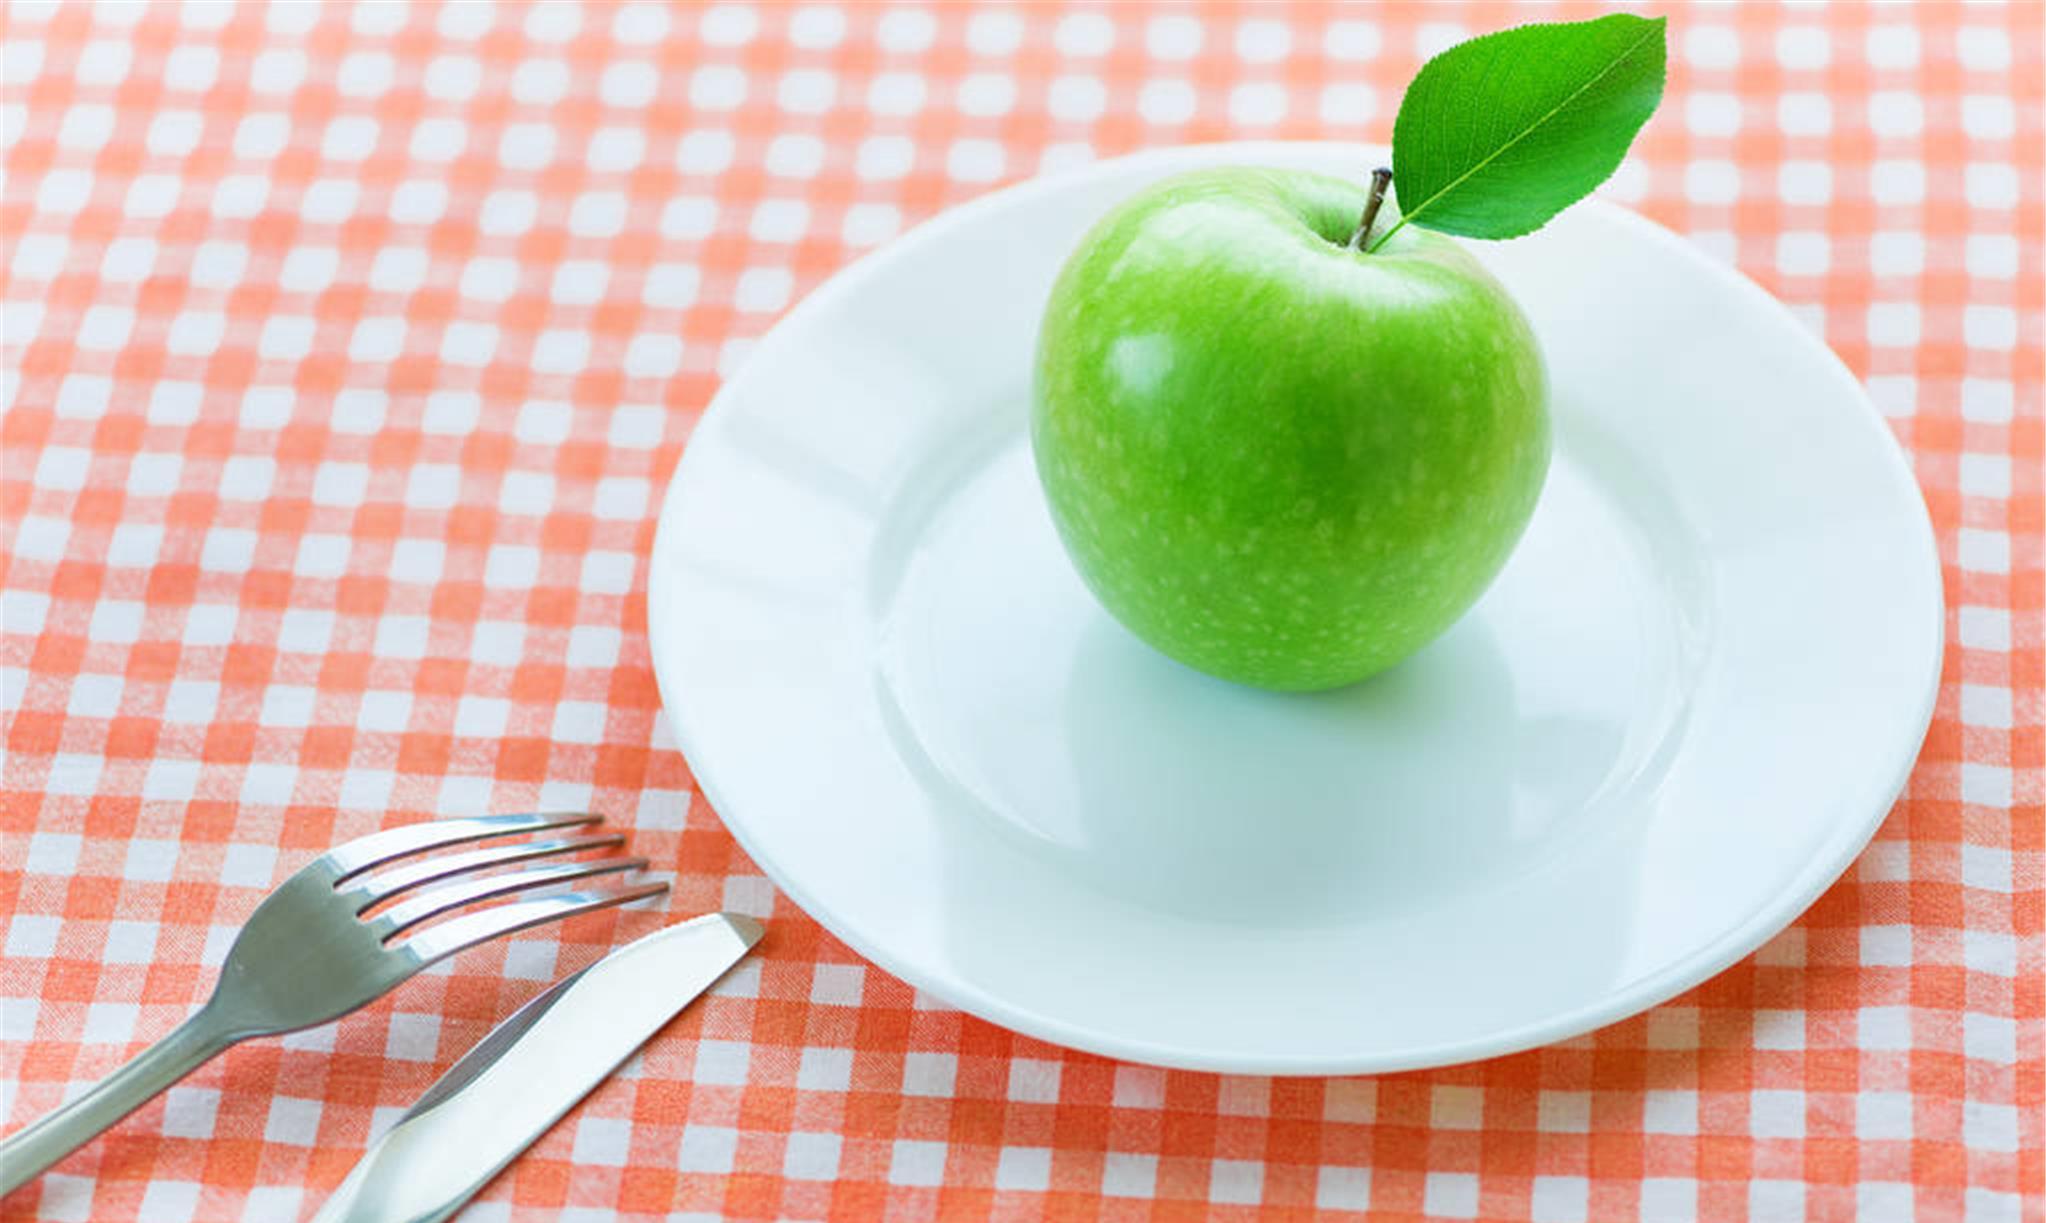 减肥还在饿肚子?五样刮油食物,尽量别错过,不要再傻傻节食了